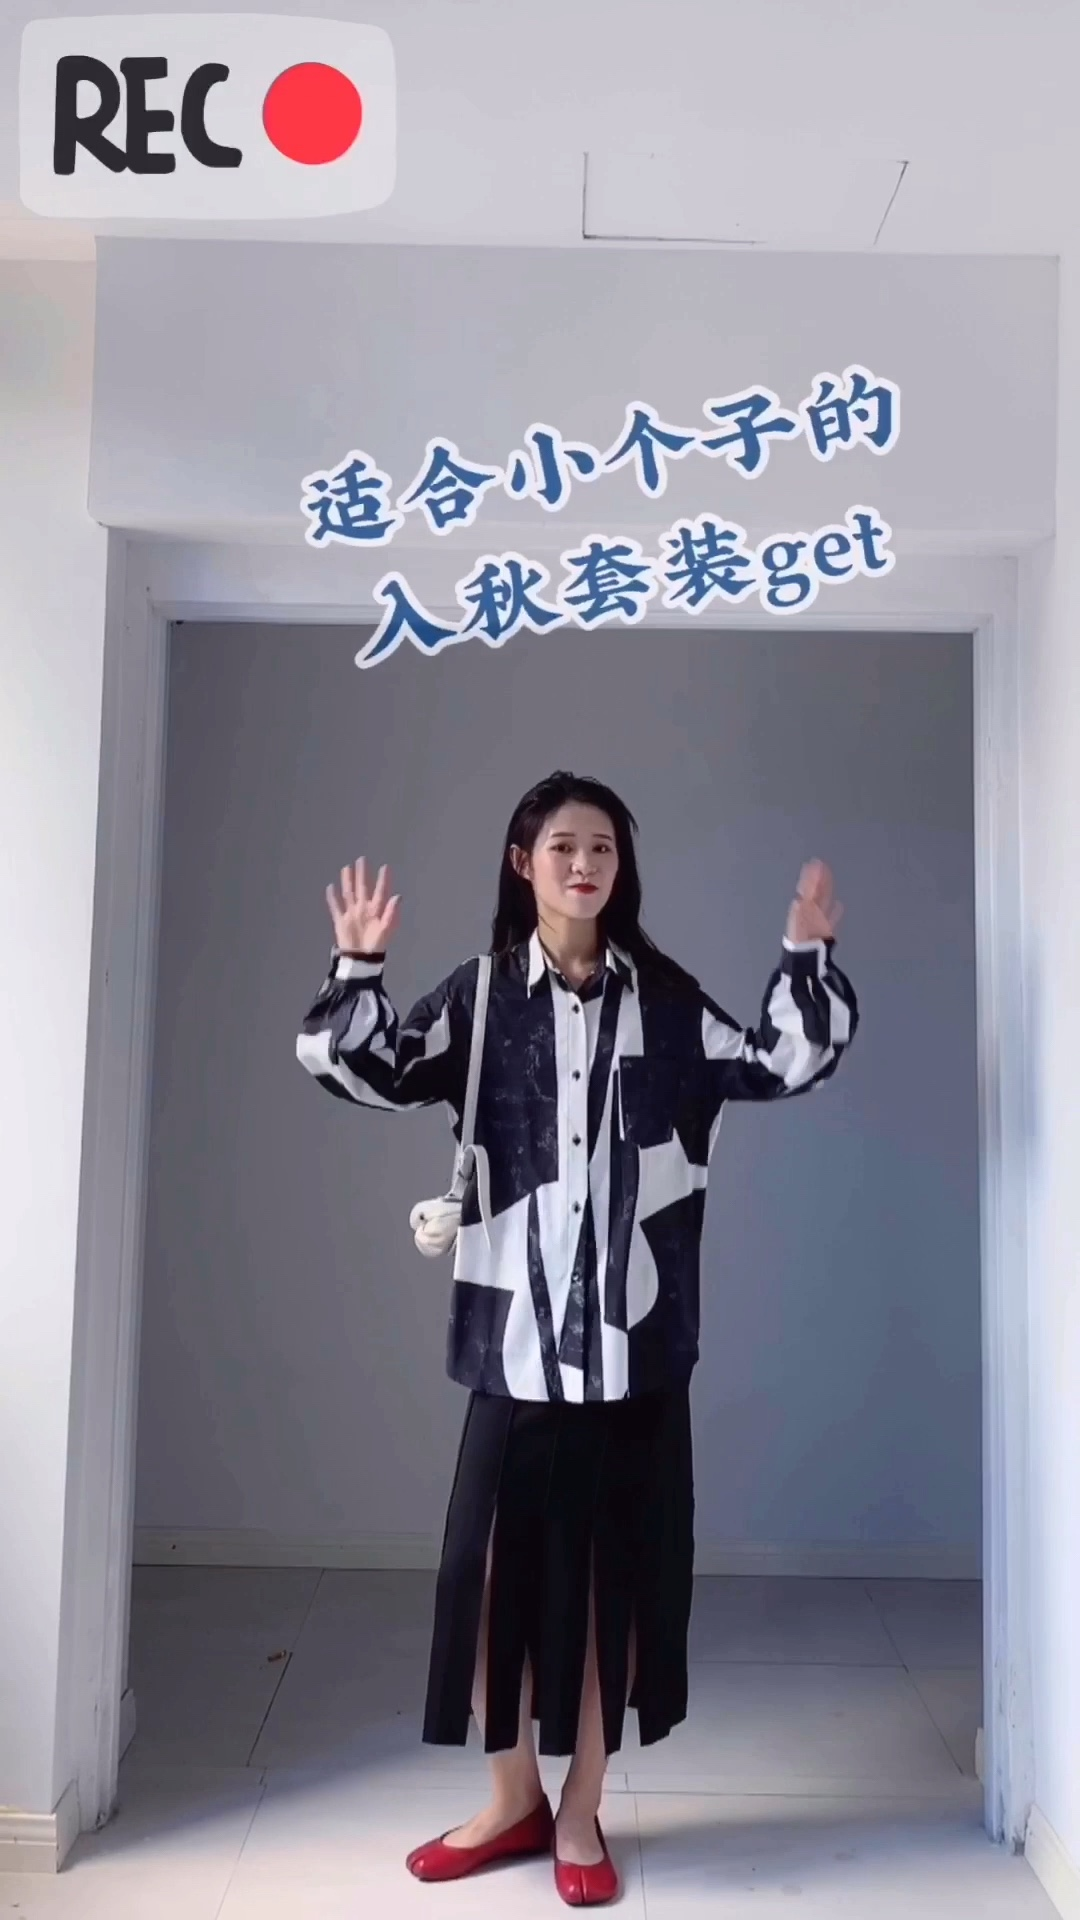 今日look #秋装上新穿搭打卡# 超级无敌特别的一套小个子穿搭呀 穿上显高显瘦  黑色的须须碎片裙很好看 搭配这件衬衫就是绝配